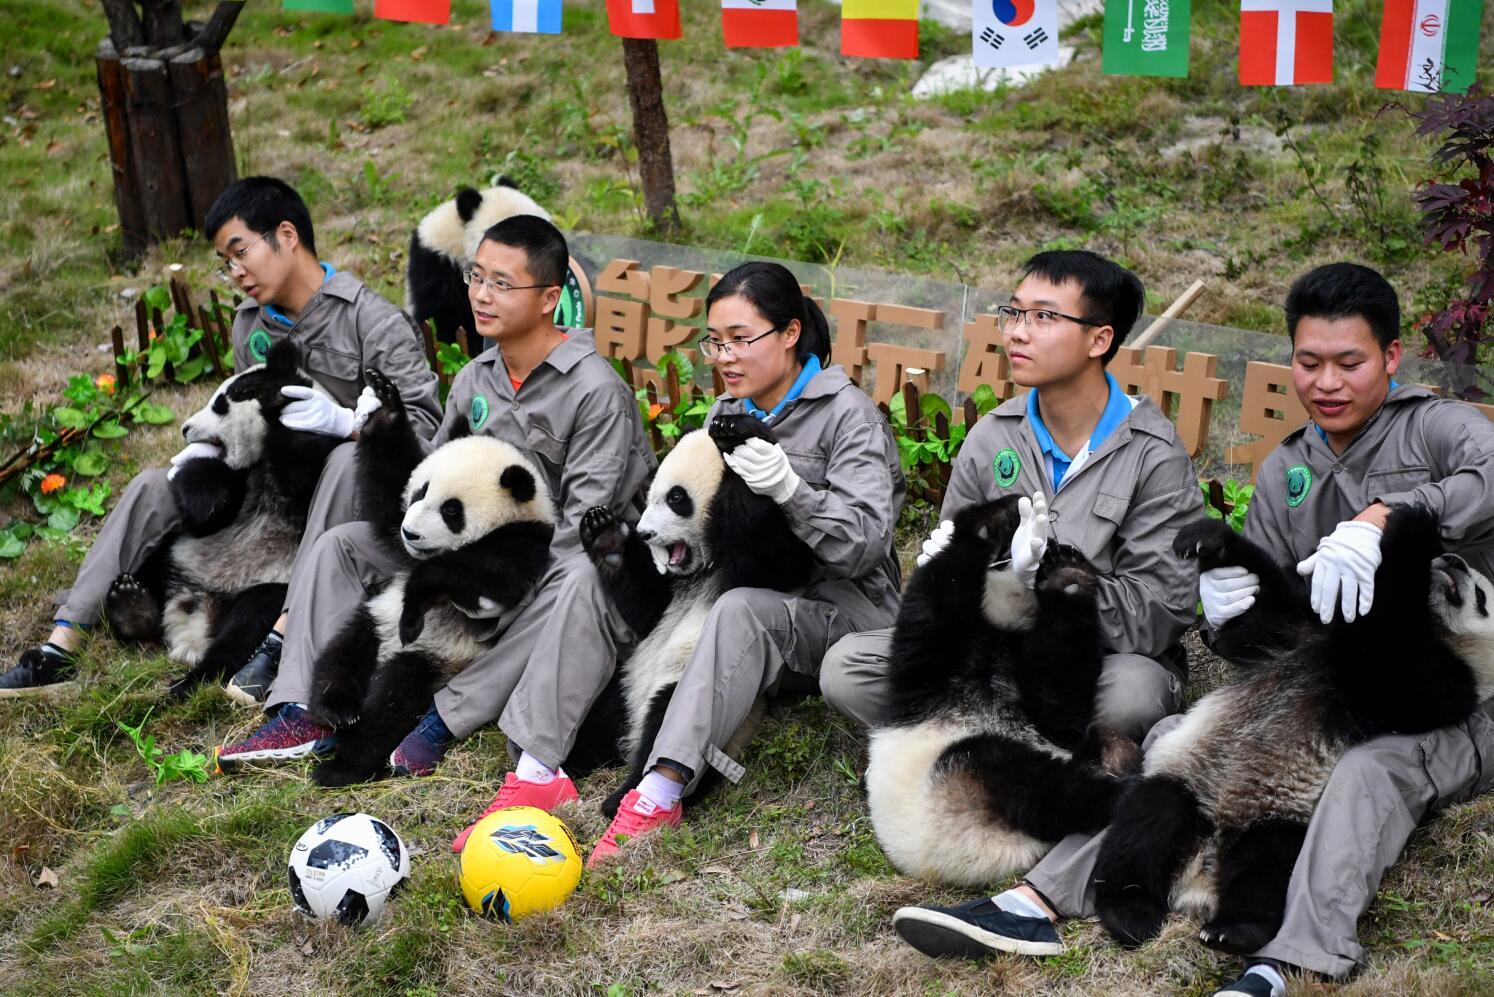 飼養員和參加「足球賽」的部分熊貓寶寶亮相